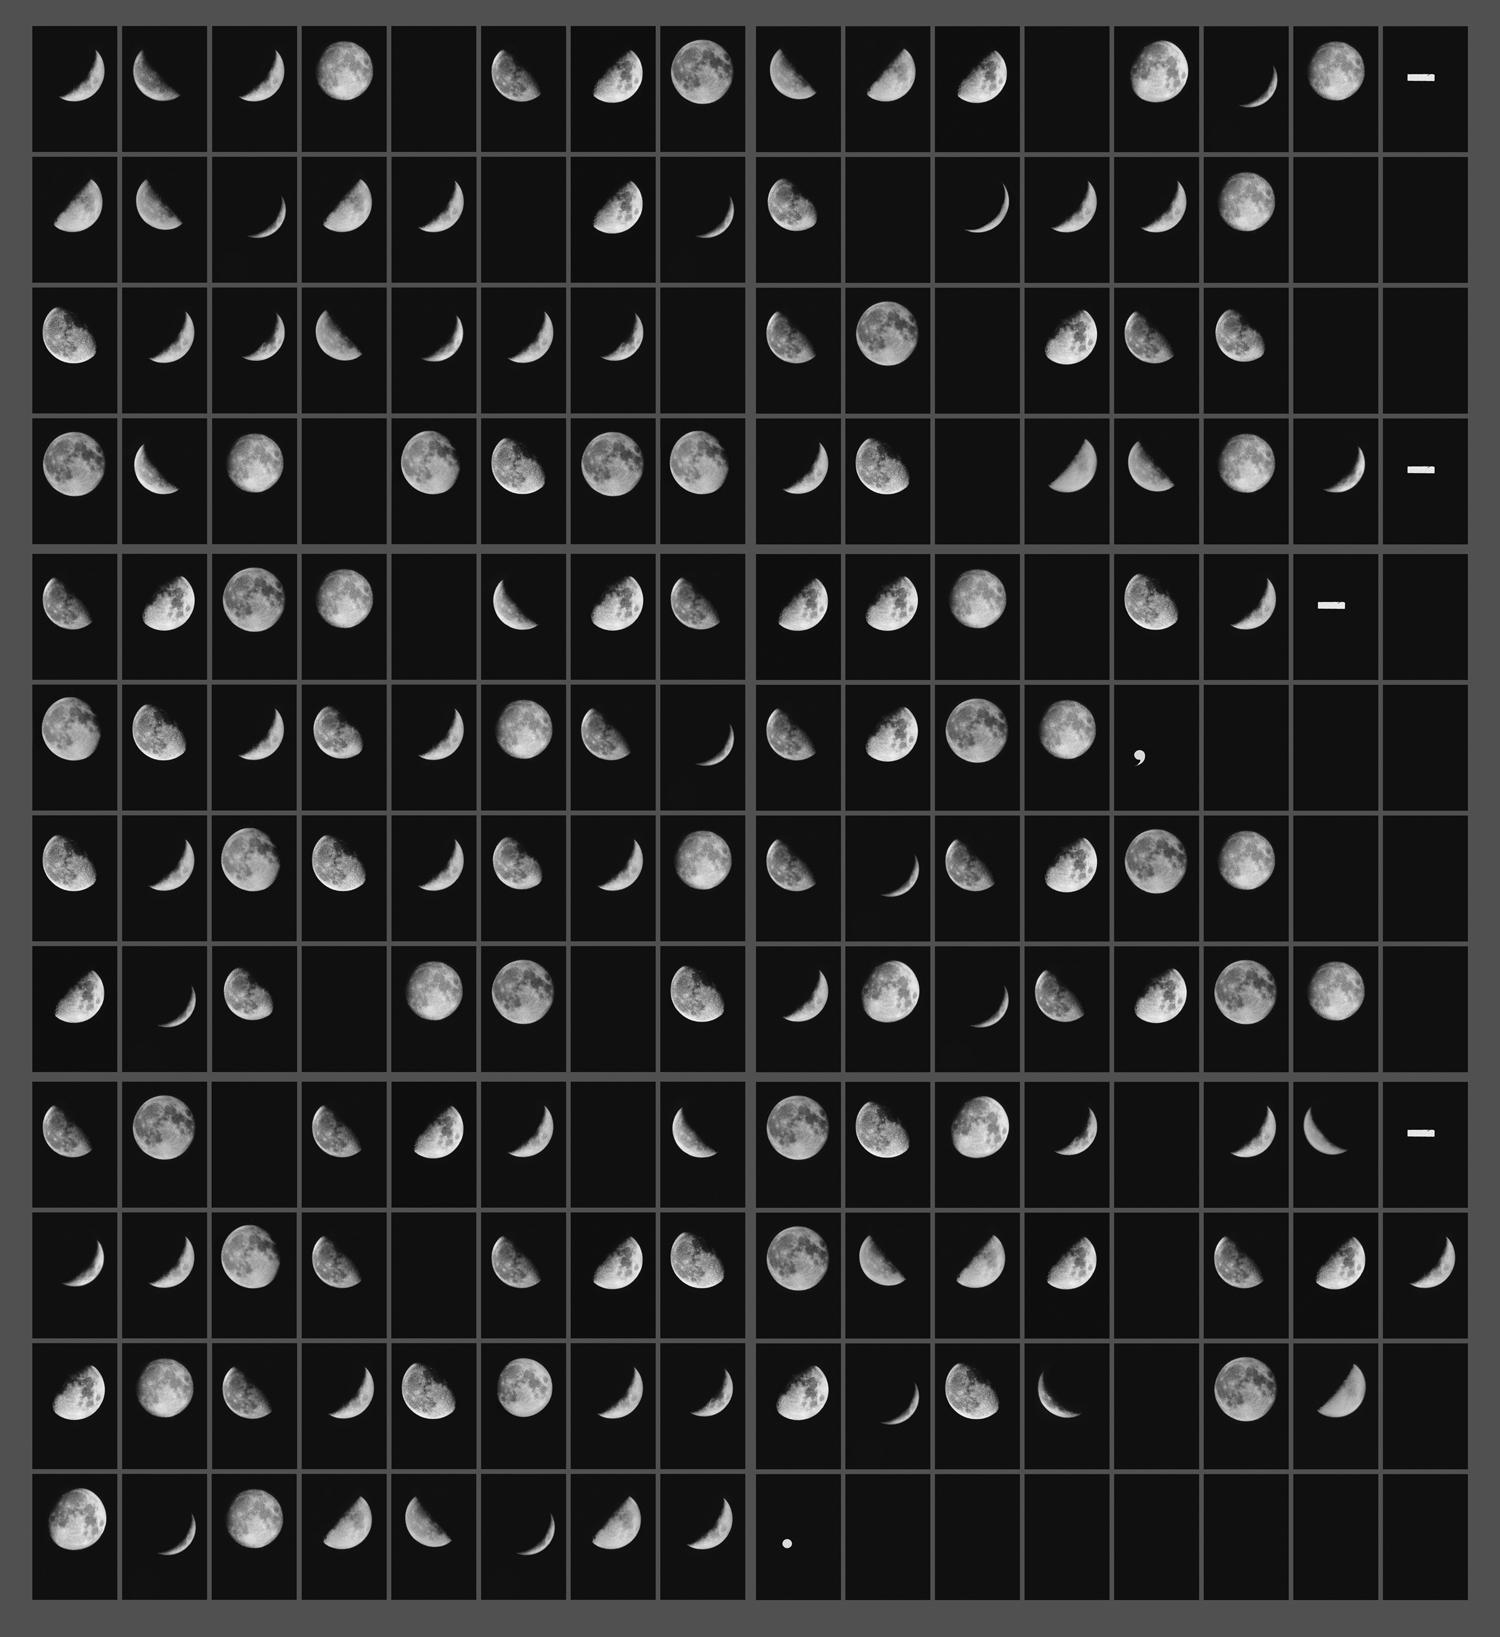 Oración Lunar I (Lunar Sentence I) (2018) - Leandro Katz